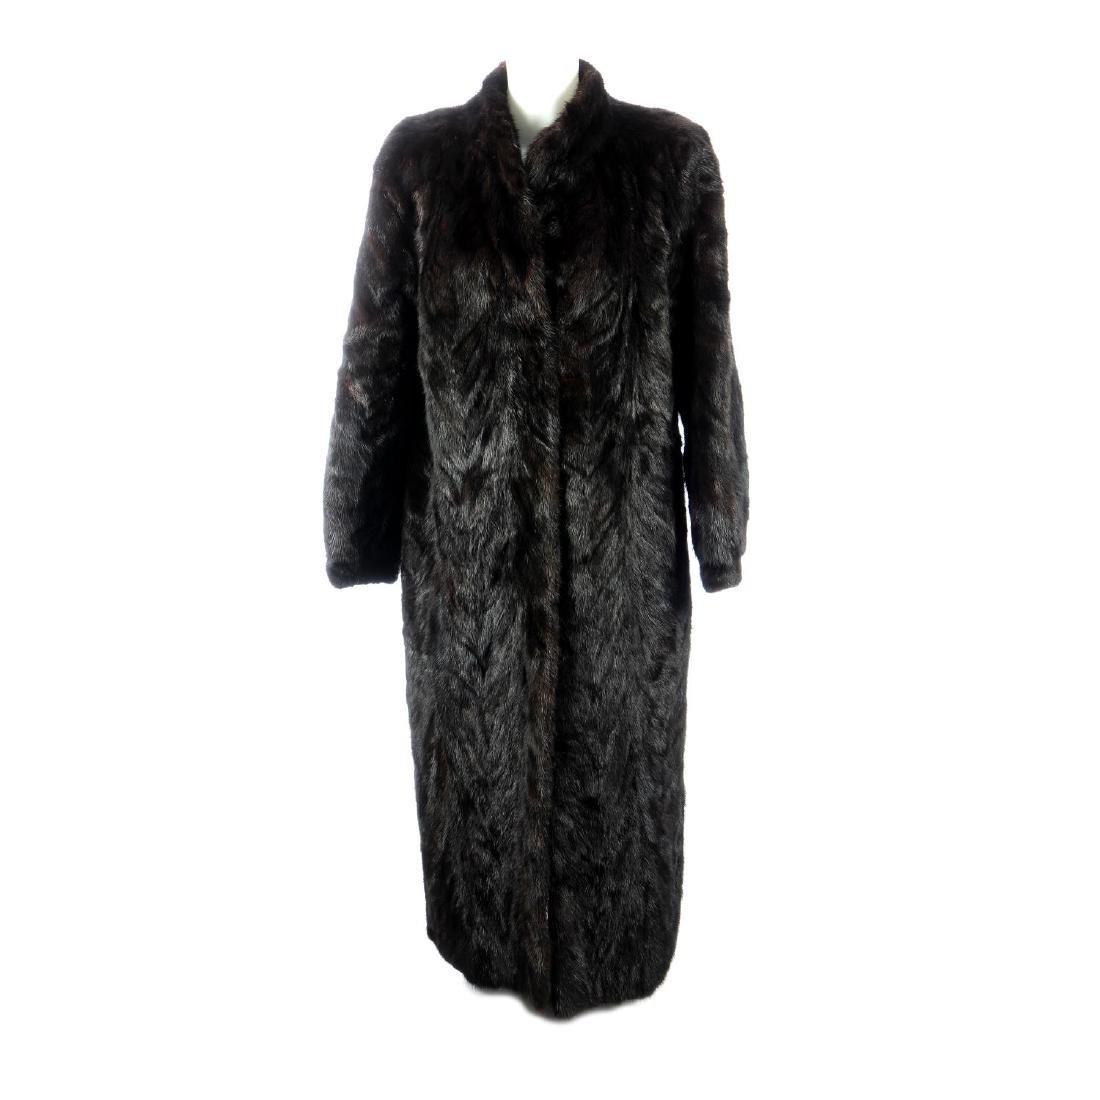 A pieced dark ranch mink full-length coat. Designed